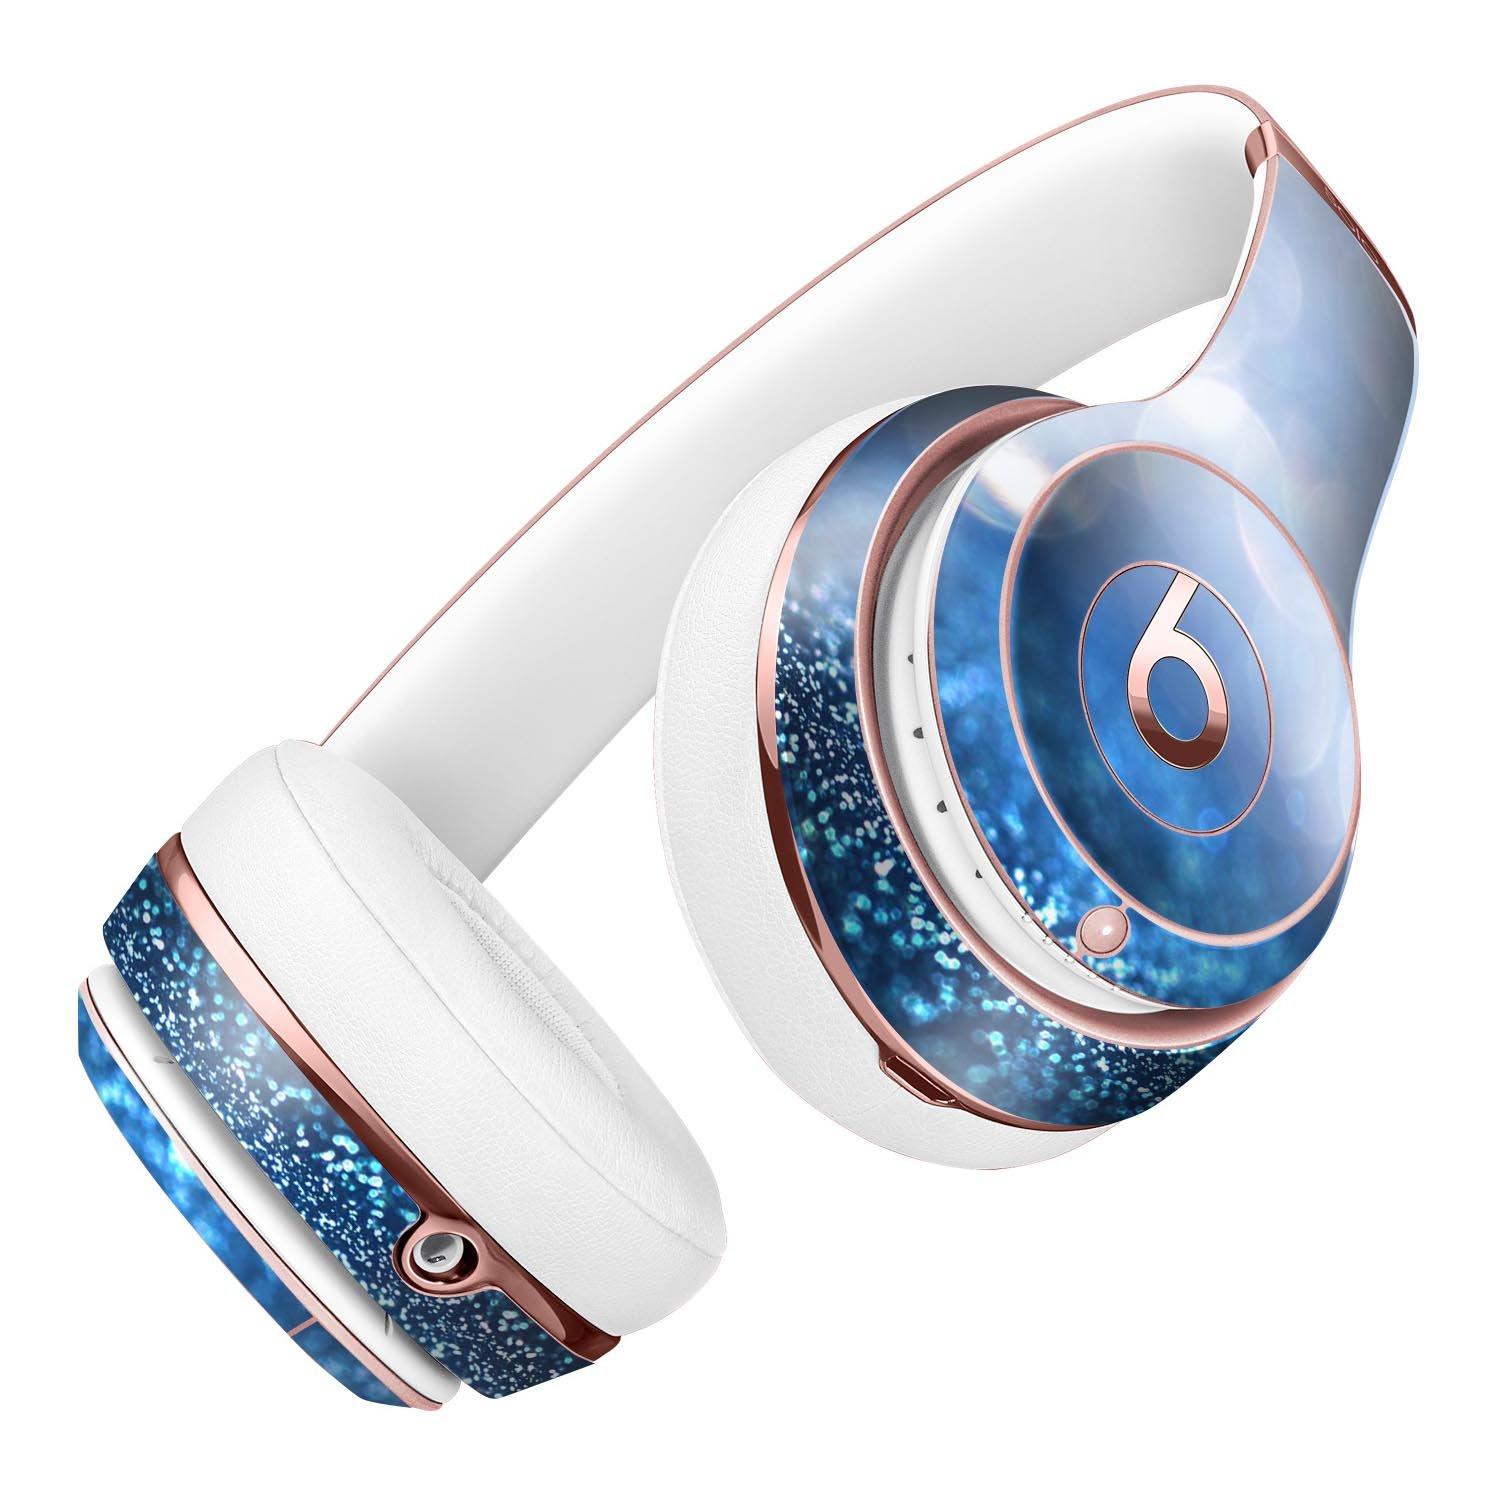 ロイヤルブルーandシルバーGlowing Orbsのライトdesignskinz全面スキンキットfor the Beats by Dre Solo 2ワイヤレスヘッドフォン/超薄型/マットFinished /保護スキンラップ   B01N3QL2GW